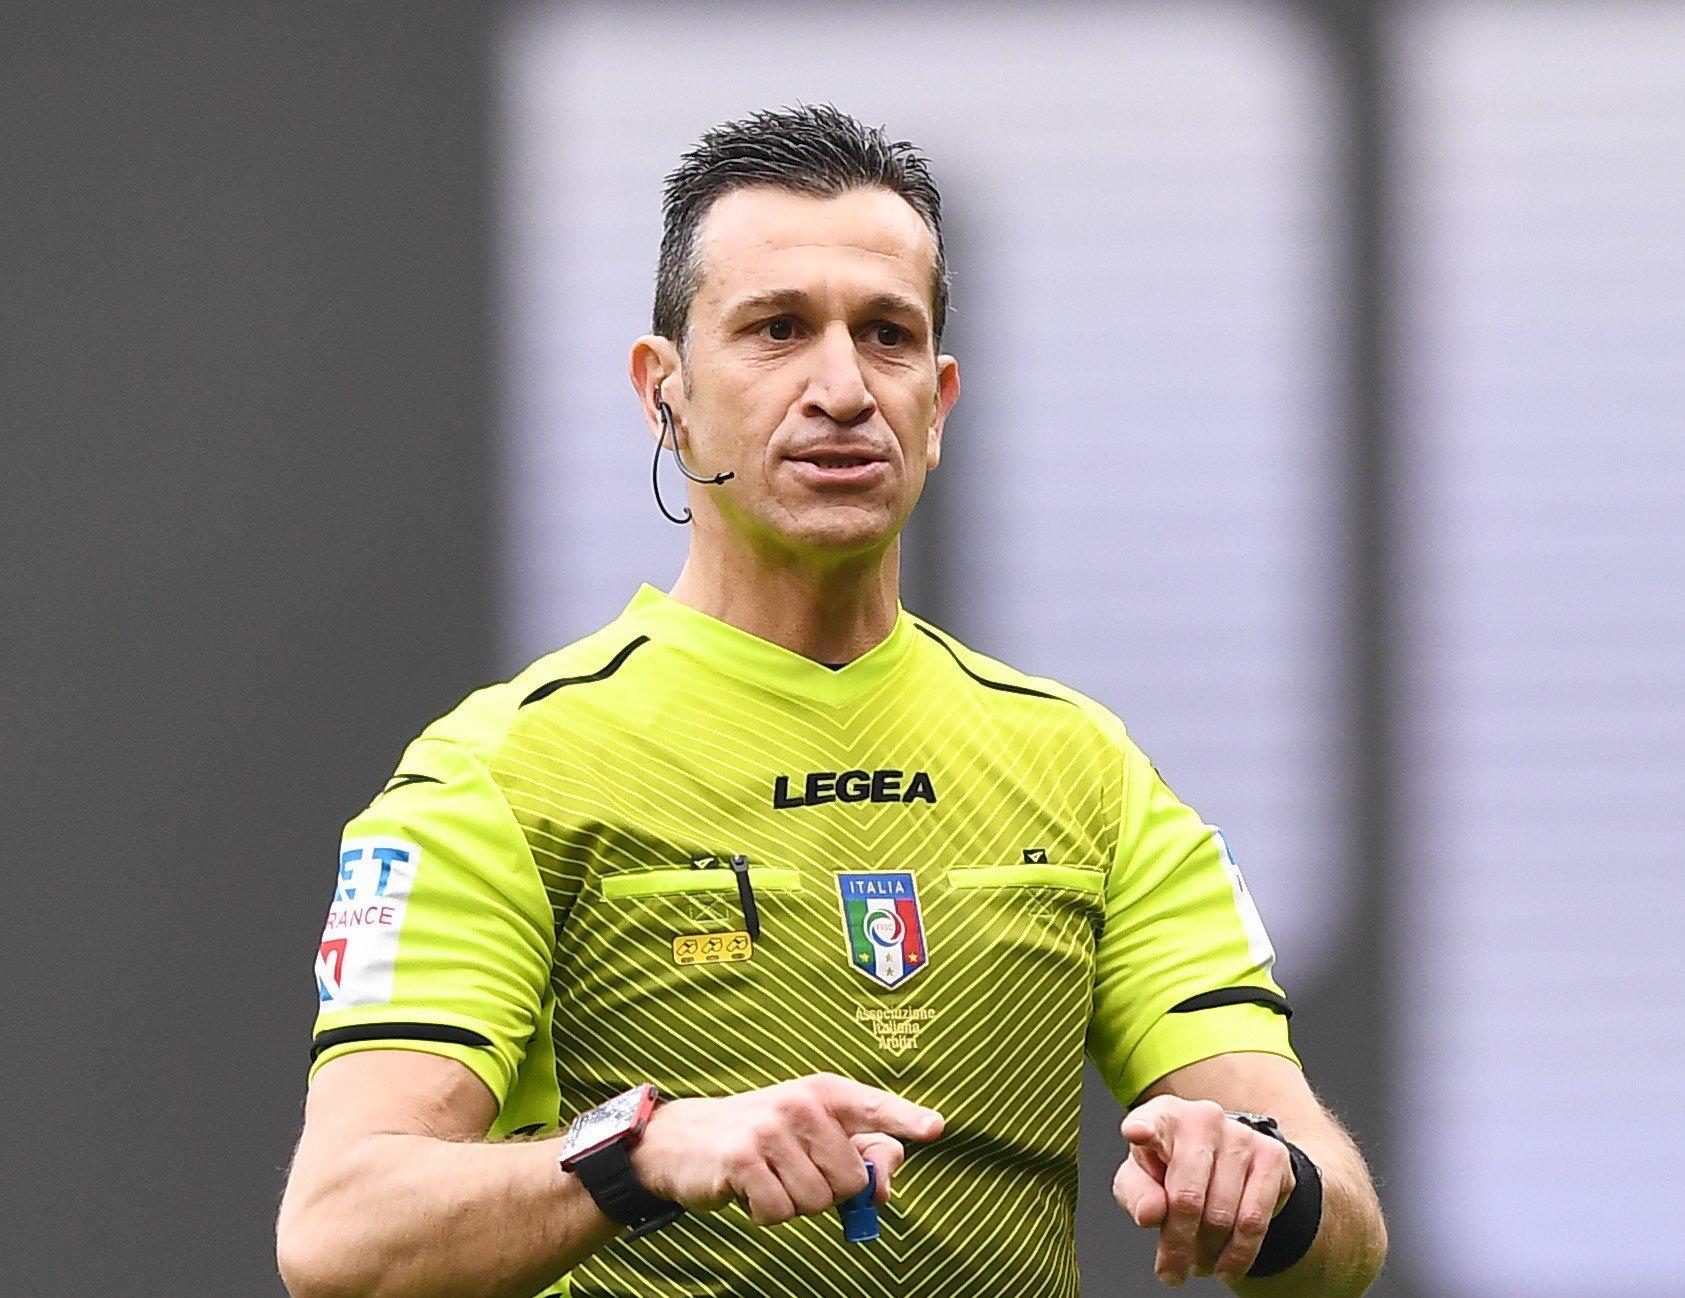 Serie A, la classifica senza errori arbitrali aggiornata |  Sport e Vai